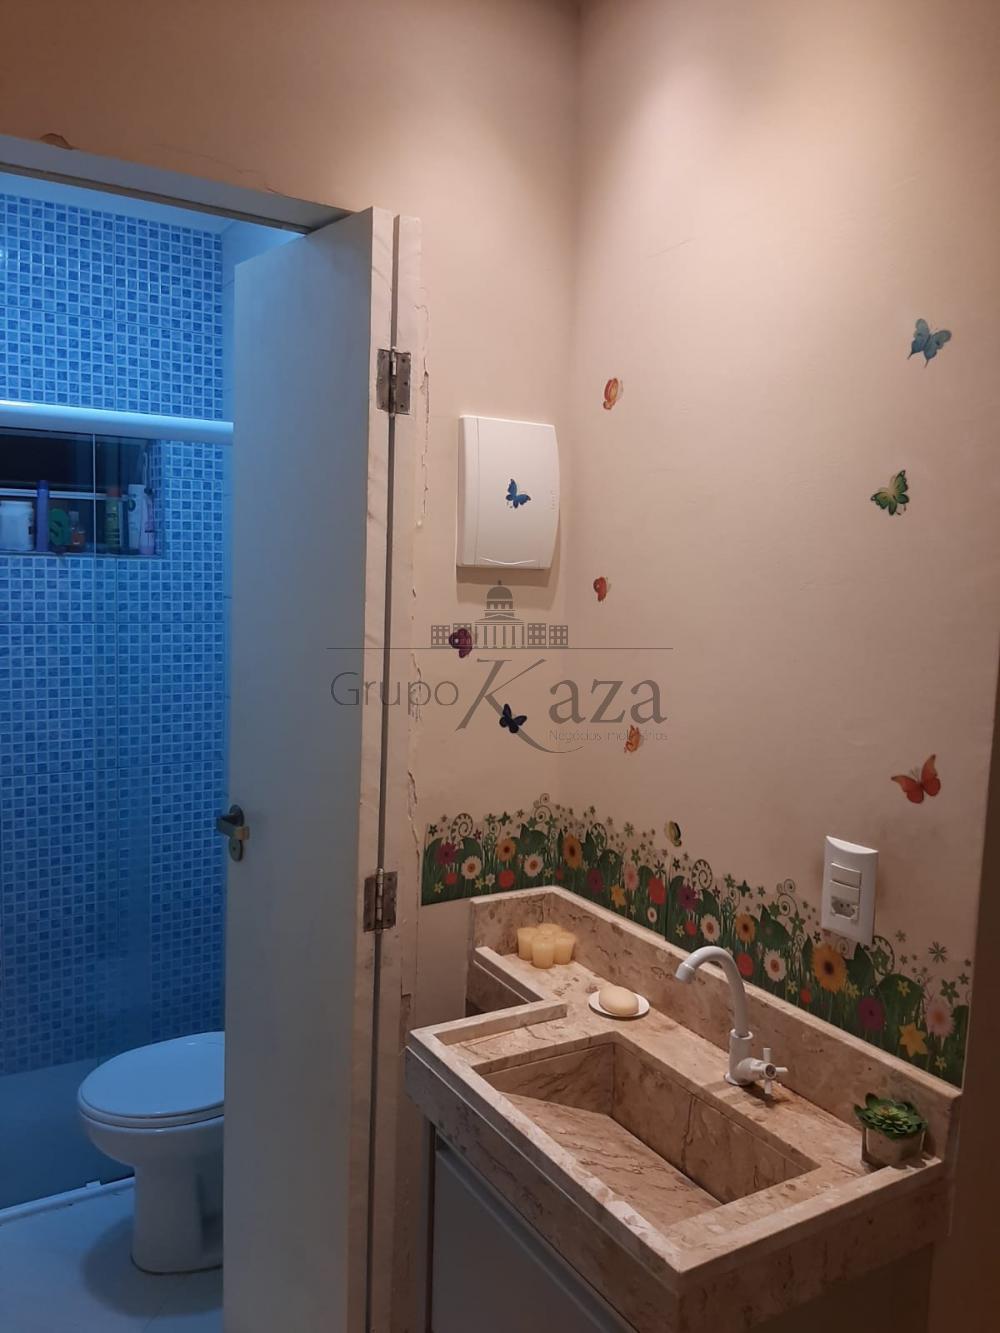 alt='Comprar Casa / Condomínio em Jacareí R$ 395.000,00 - Foto 12' title='Comprar Casa / Condomínio em Jacareí R$ 395.000,00 - Foto 12'